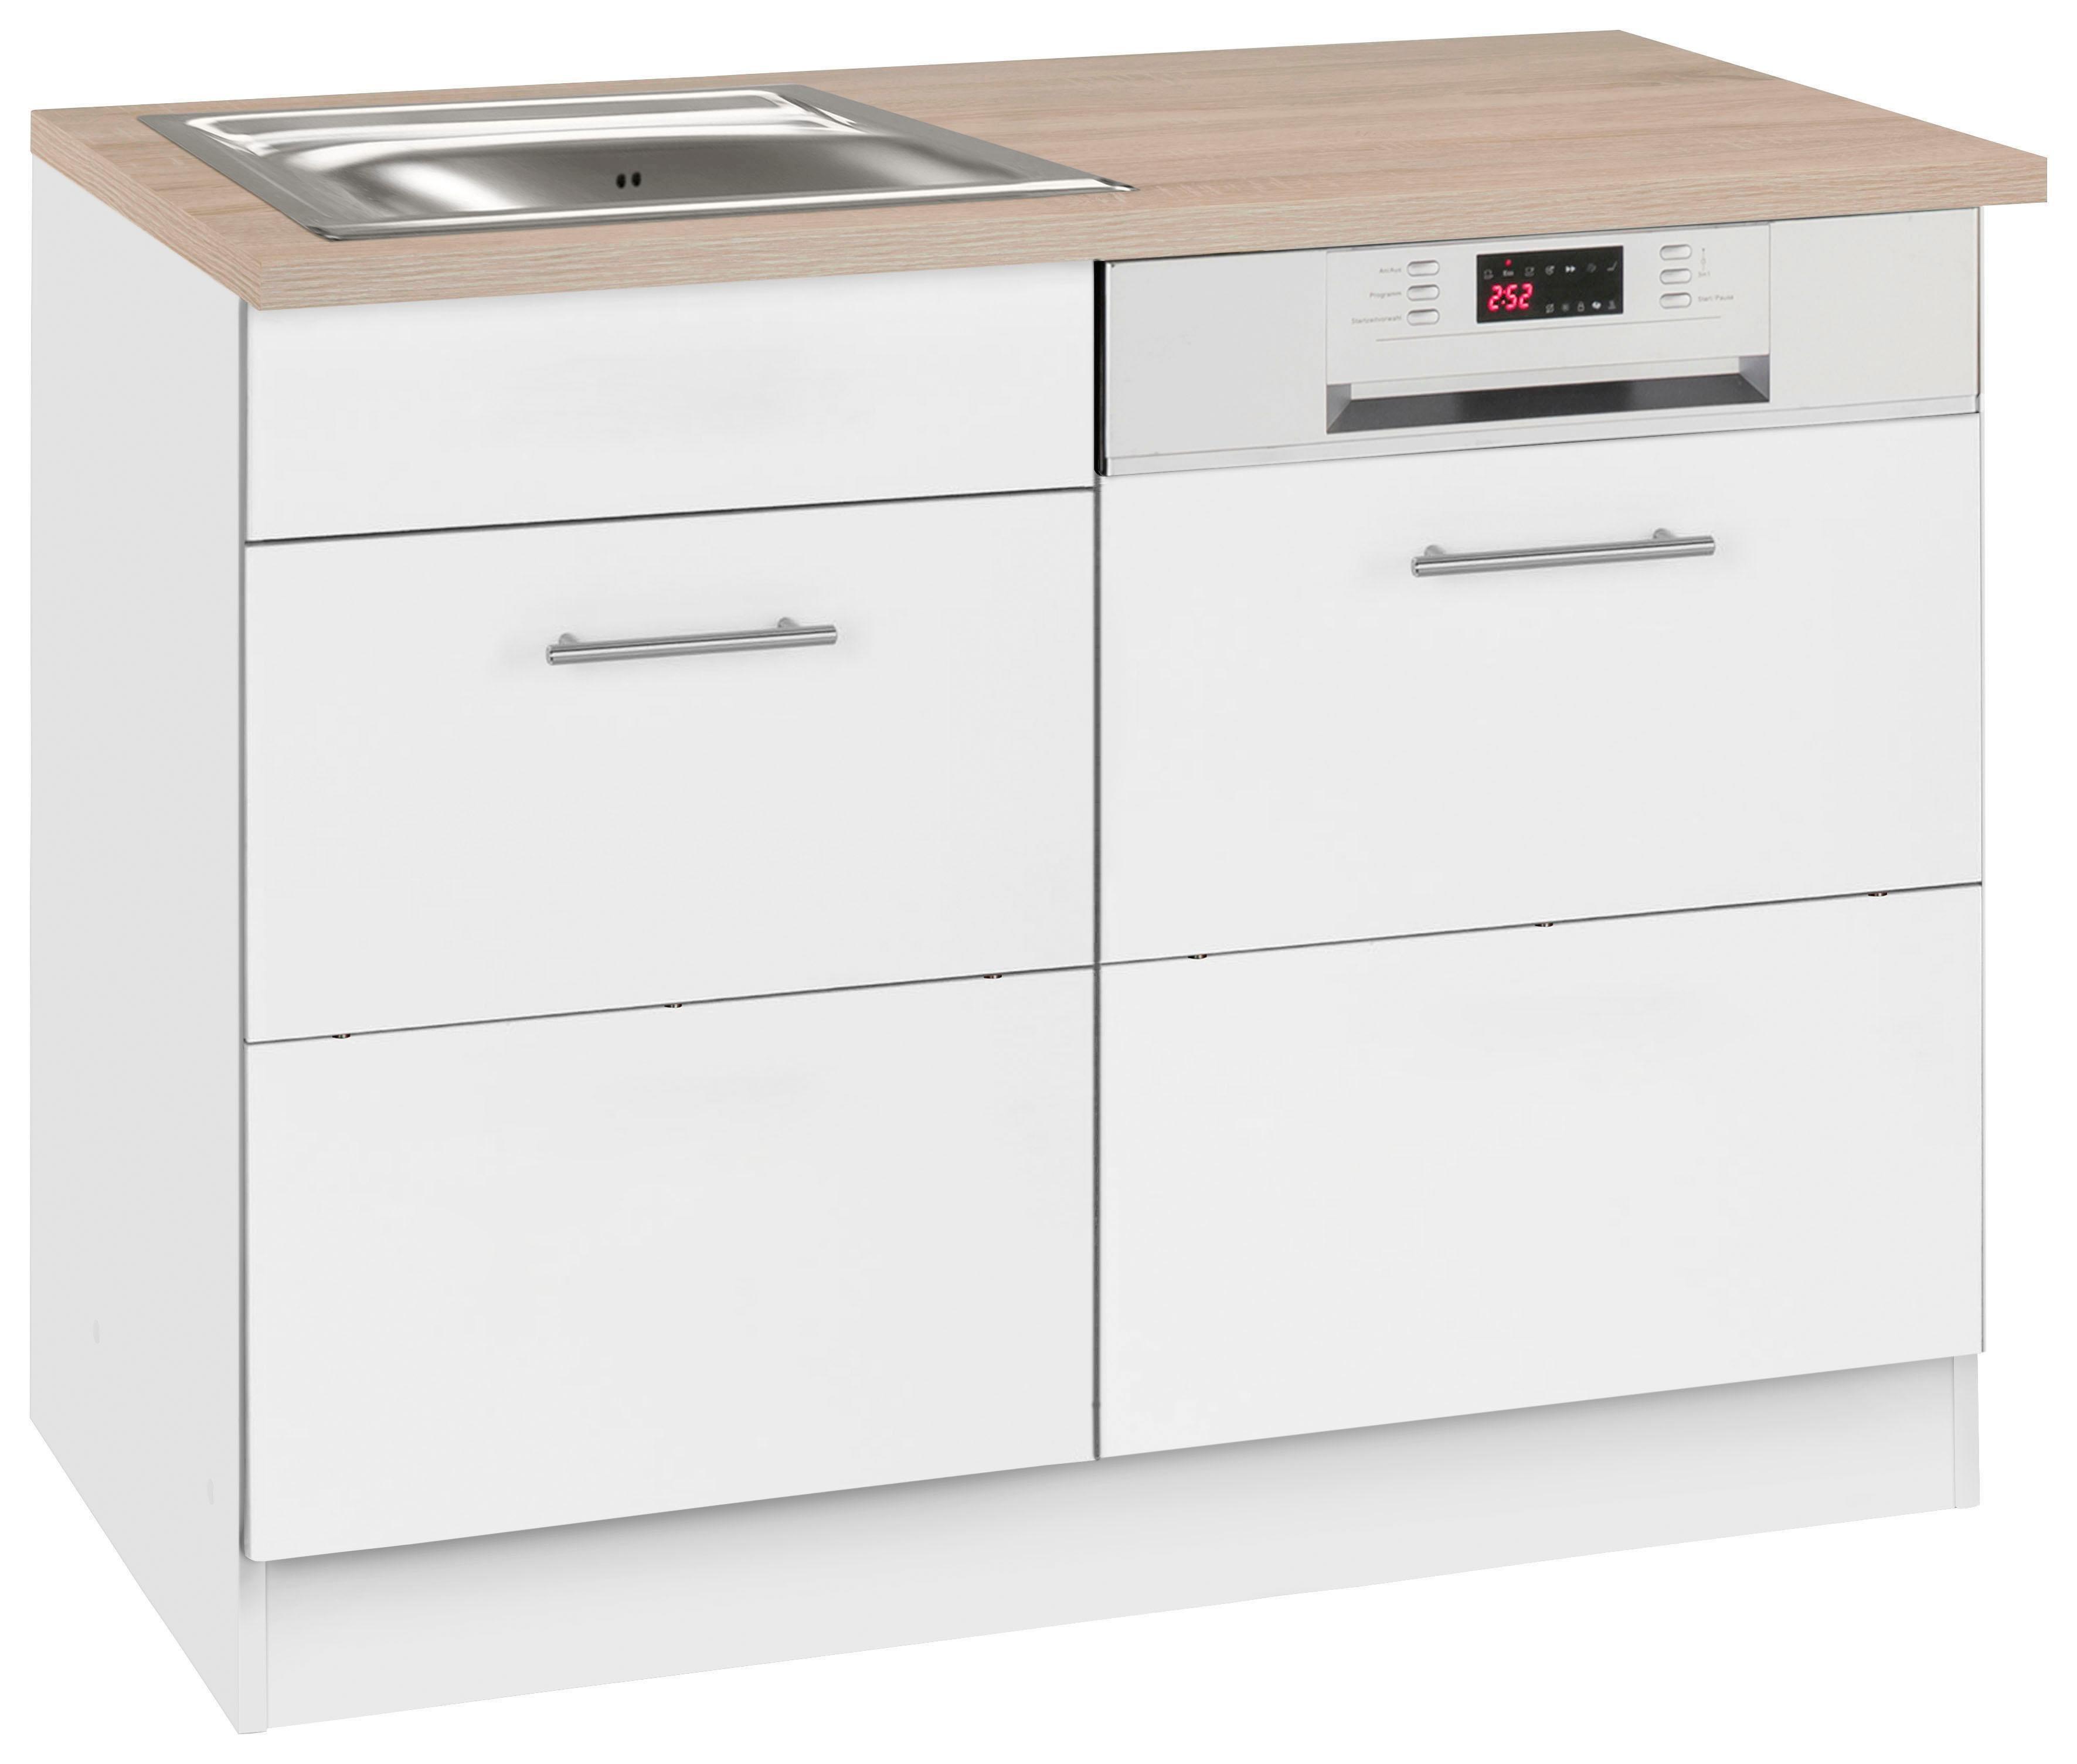 home24 Spülenschränke online kaufen   Möbel-Suchmaschine ...